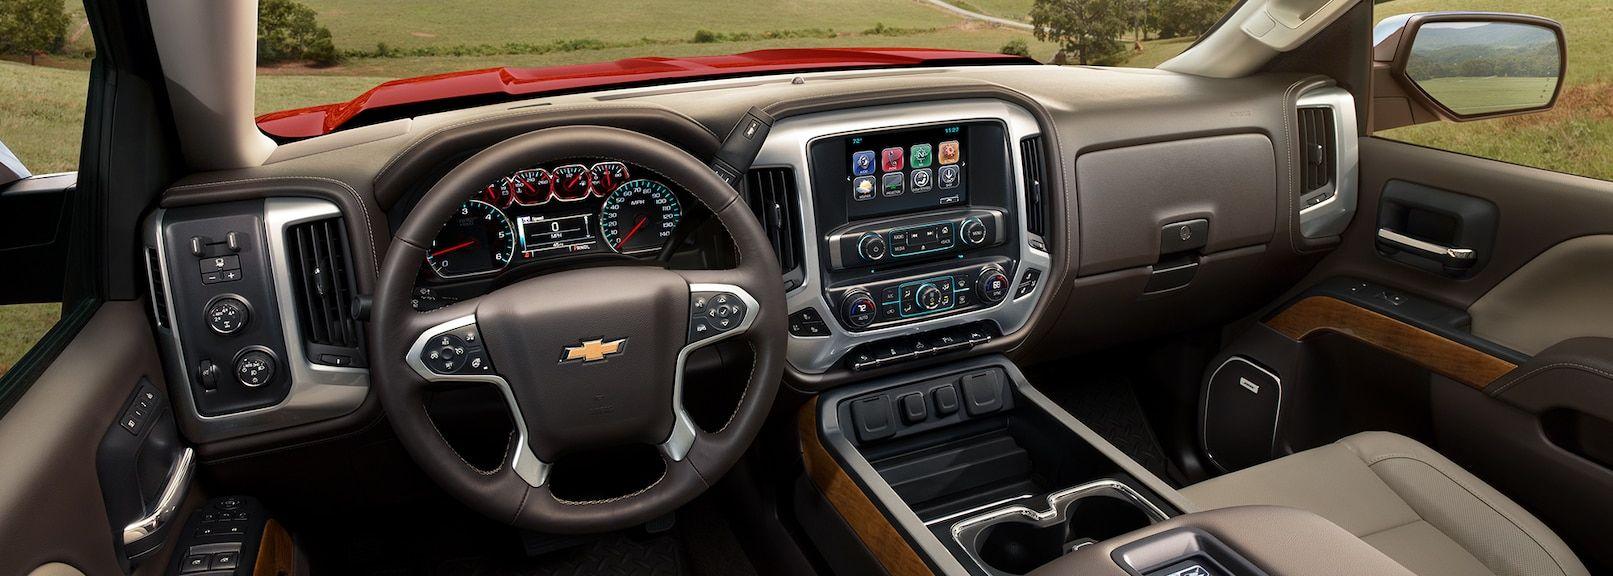 Interior of the 2019 Silverado 1500